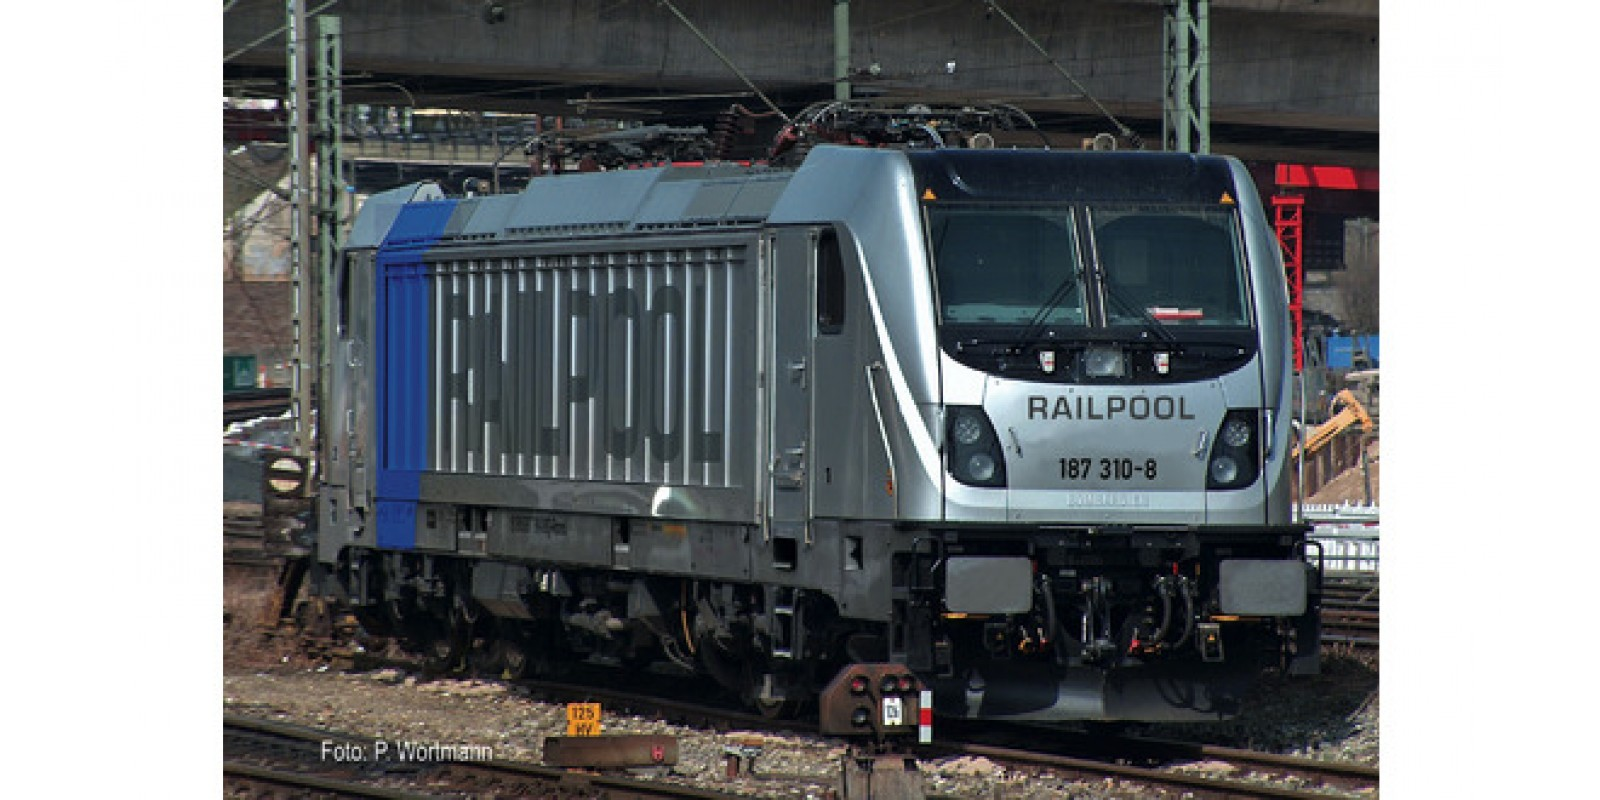 FL738904 - Electric locomotive class 187, Railpool